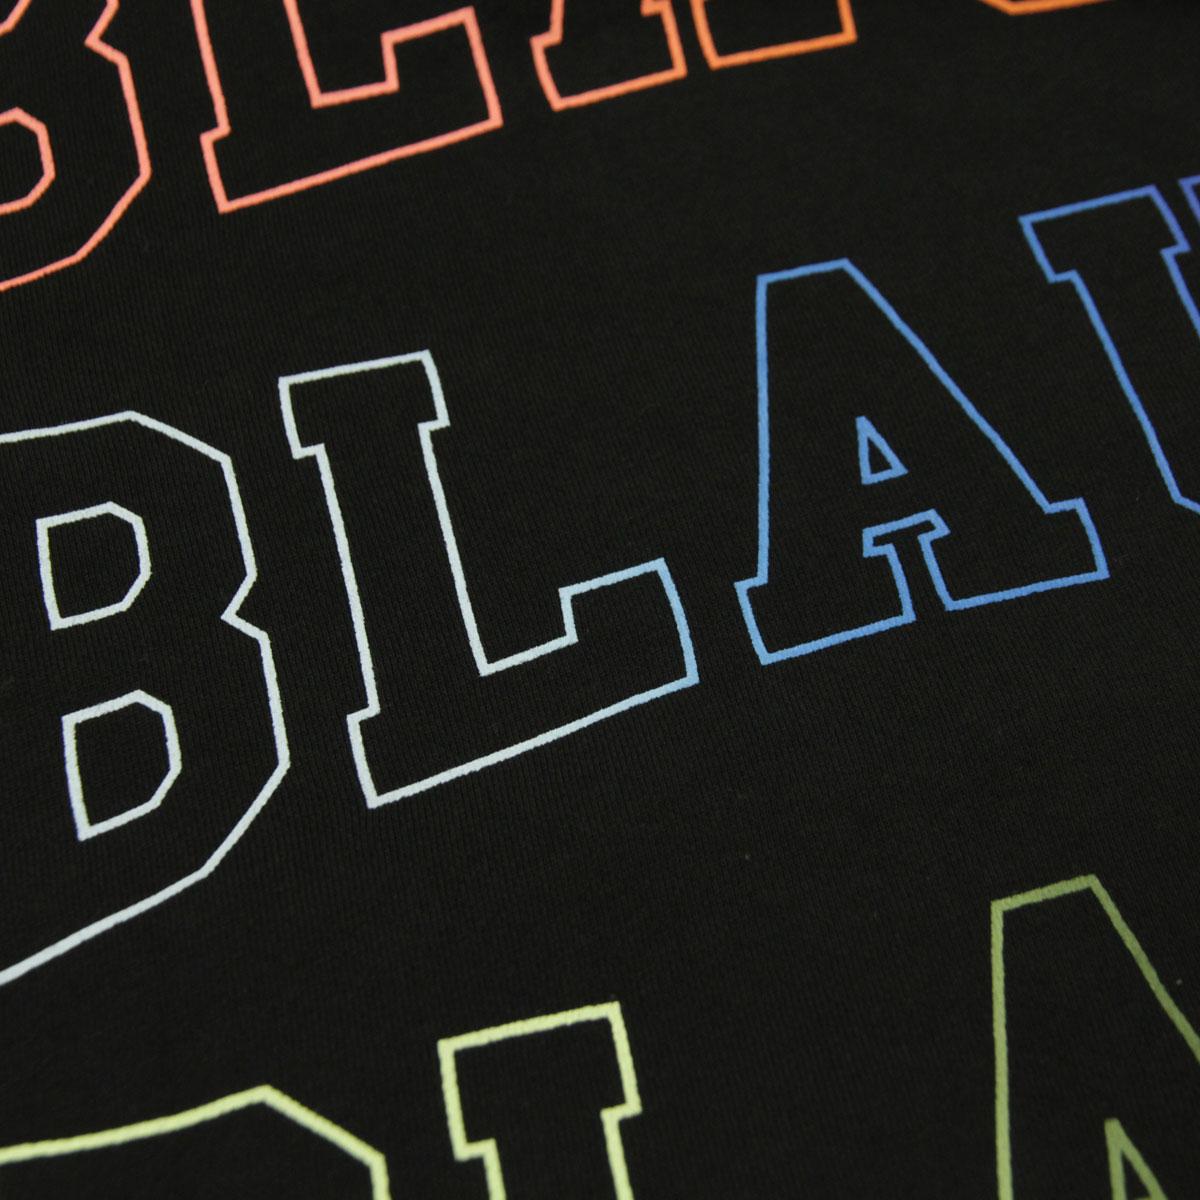 スコッチアンドソーダ パーカー メンズ 正規販売店 SCOTCH&SODA プルオーバーパーカー  AMS BLAUW SIGNATURE PRINTED HOODY IN REGULAR FIT 144185 08 63880 BLACK D A39B B1C C1D D5E E13F